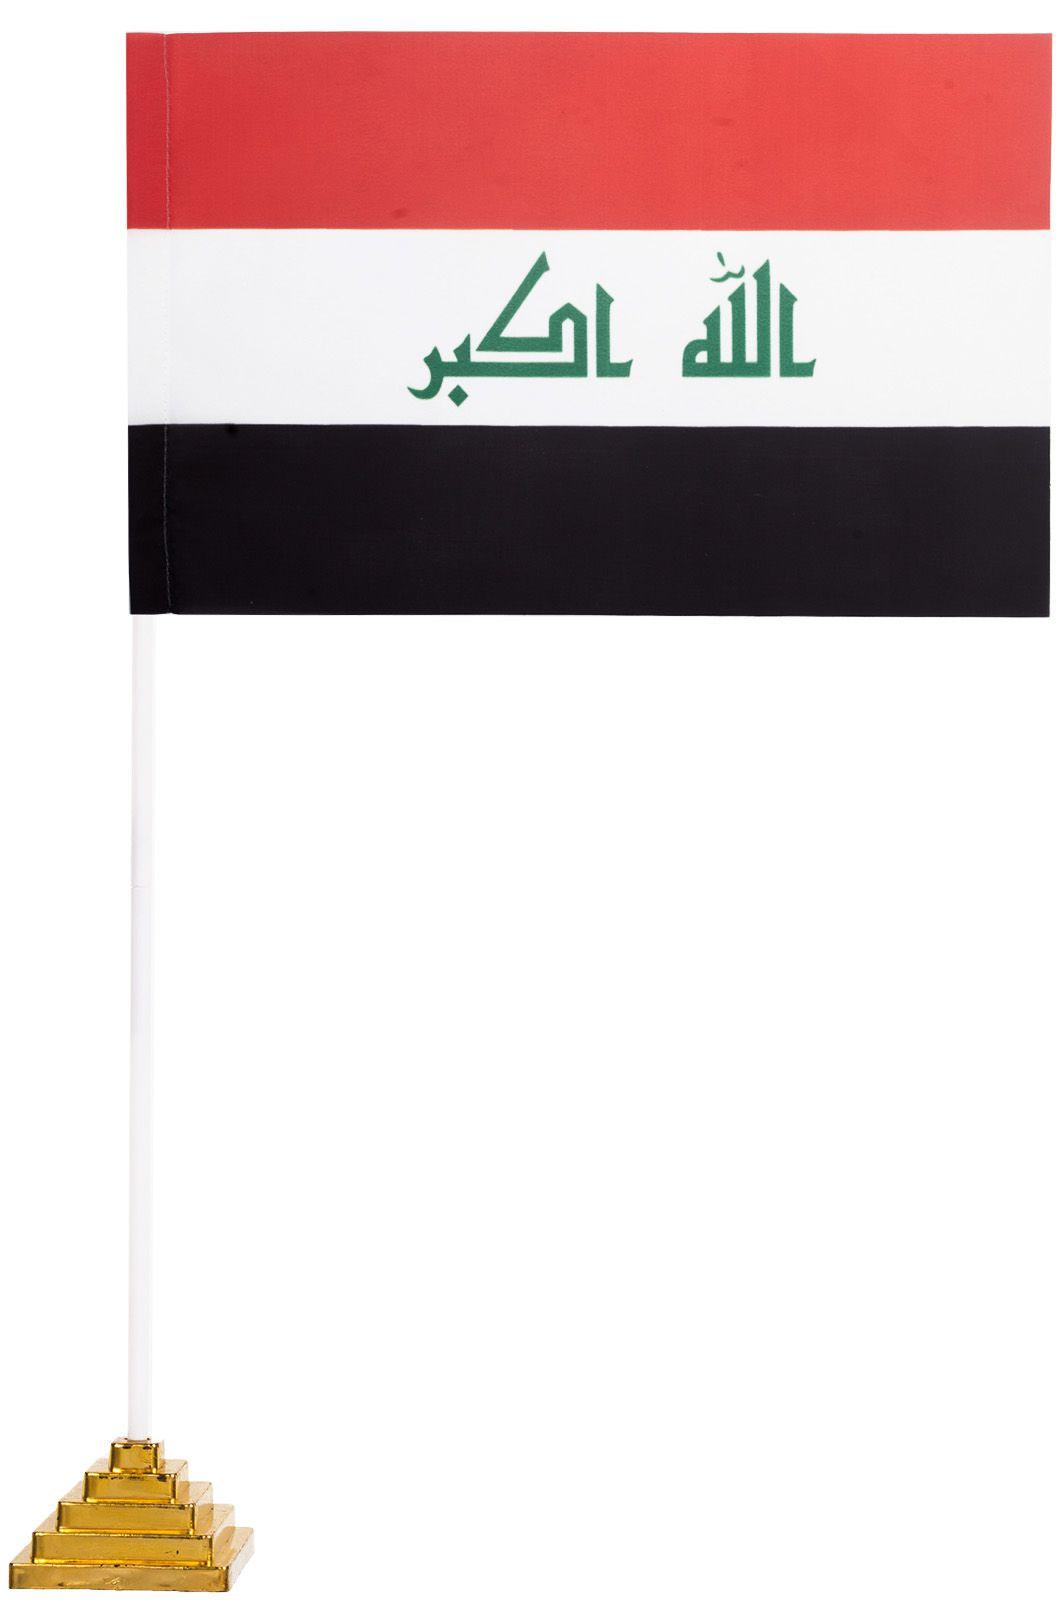 Настольный флаг Ирака